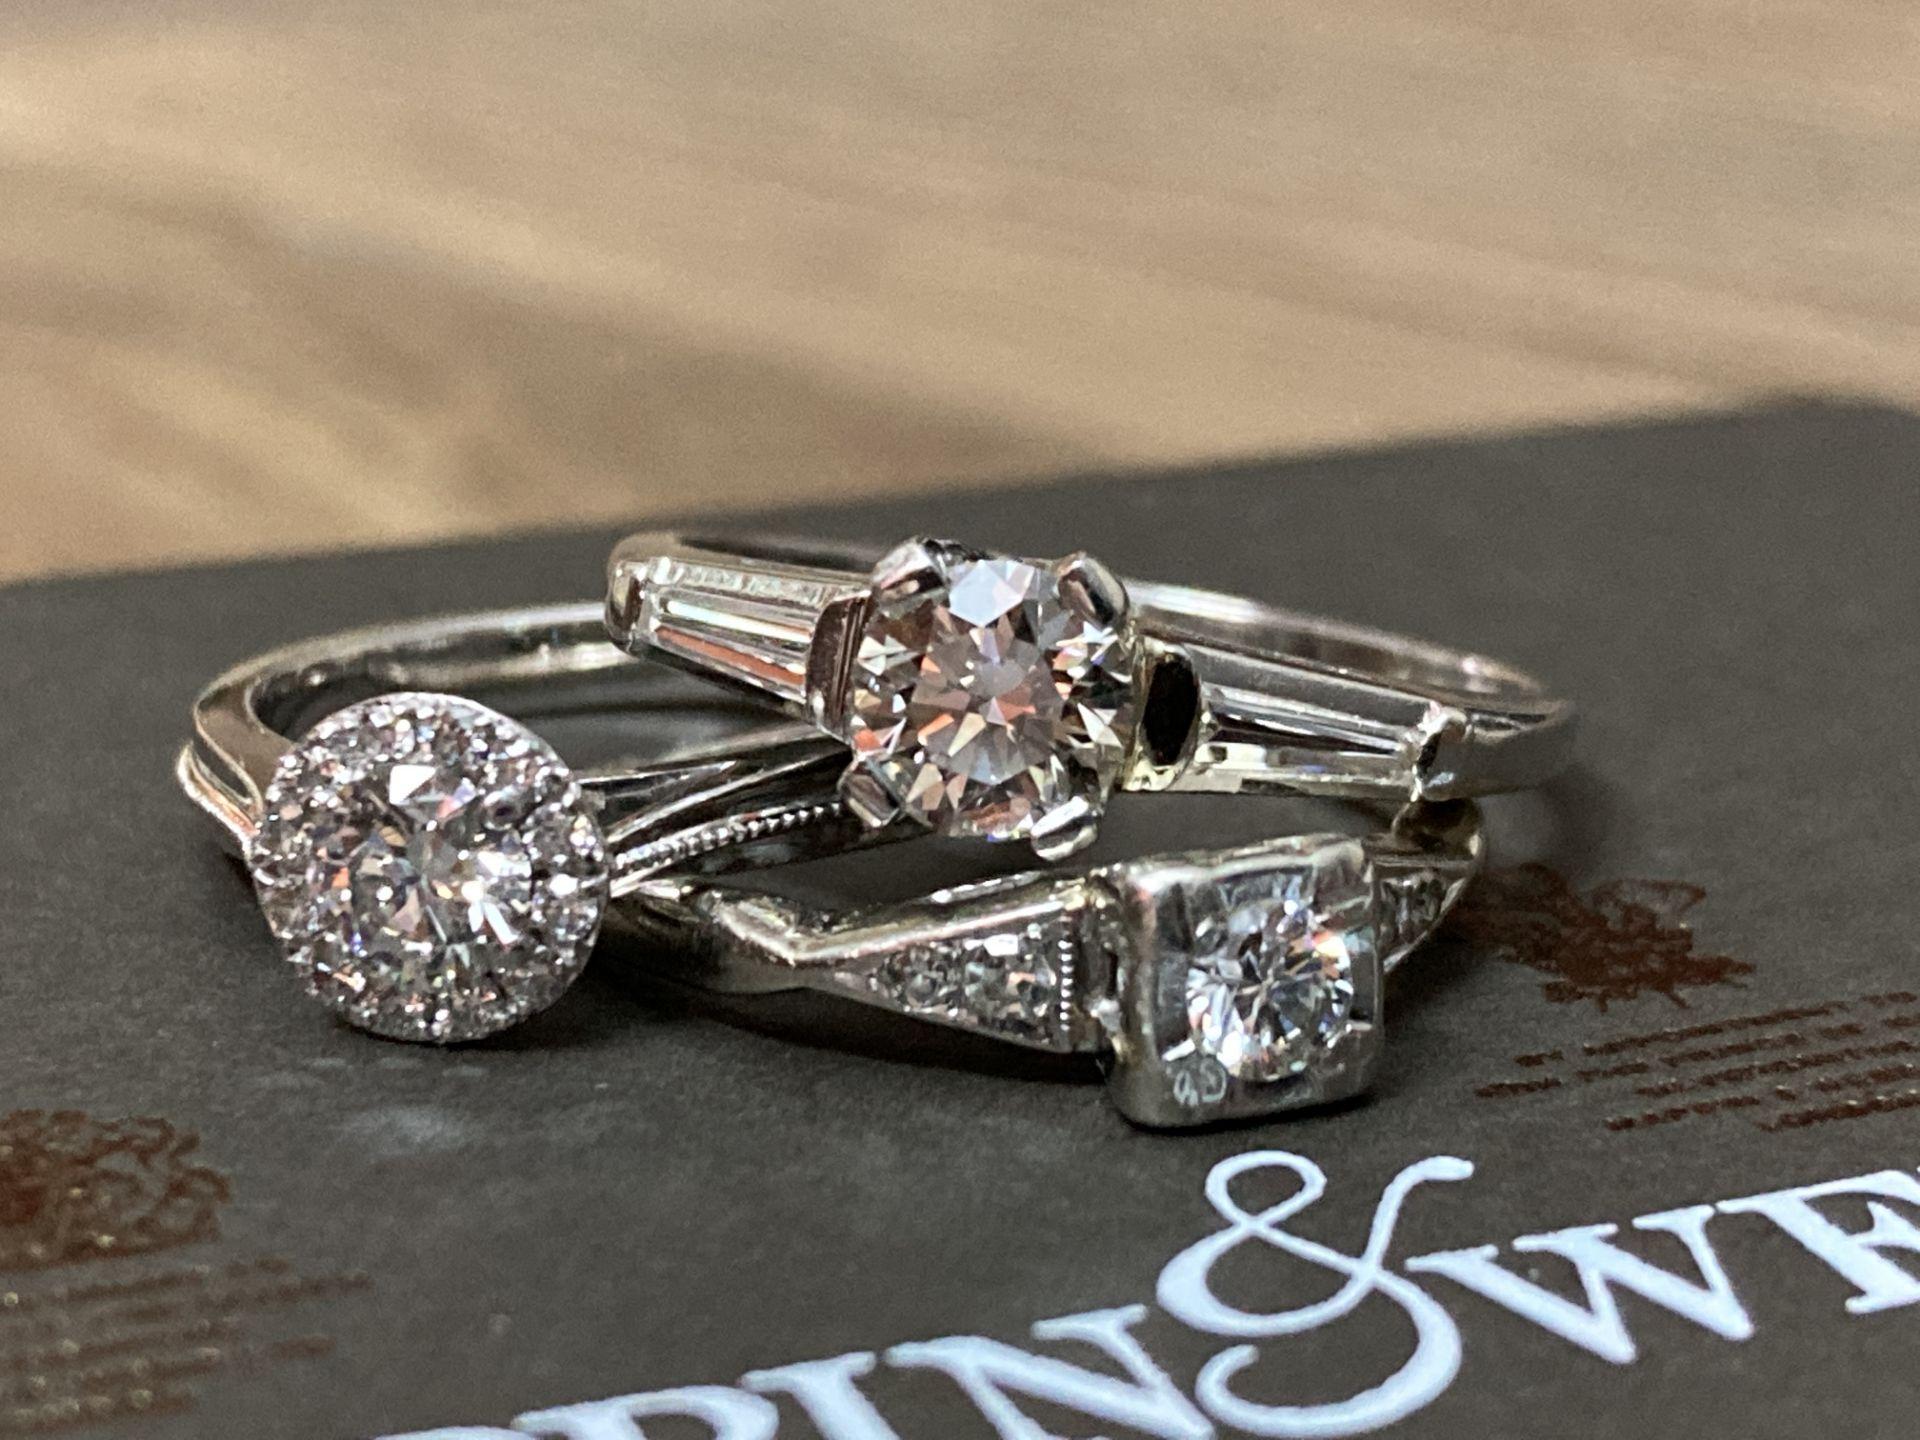 BEAUTIFUL TRIO OF DIAMOND RINGS - Image 6 of 6